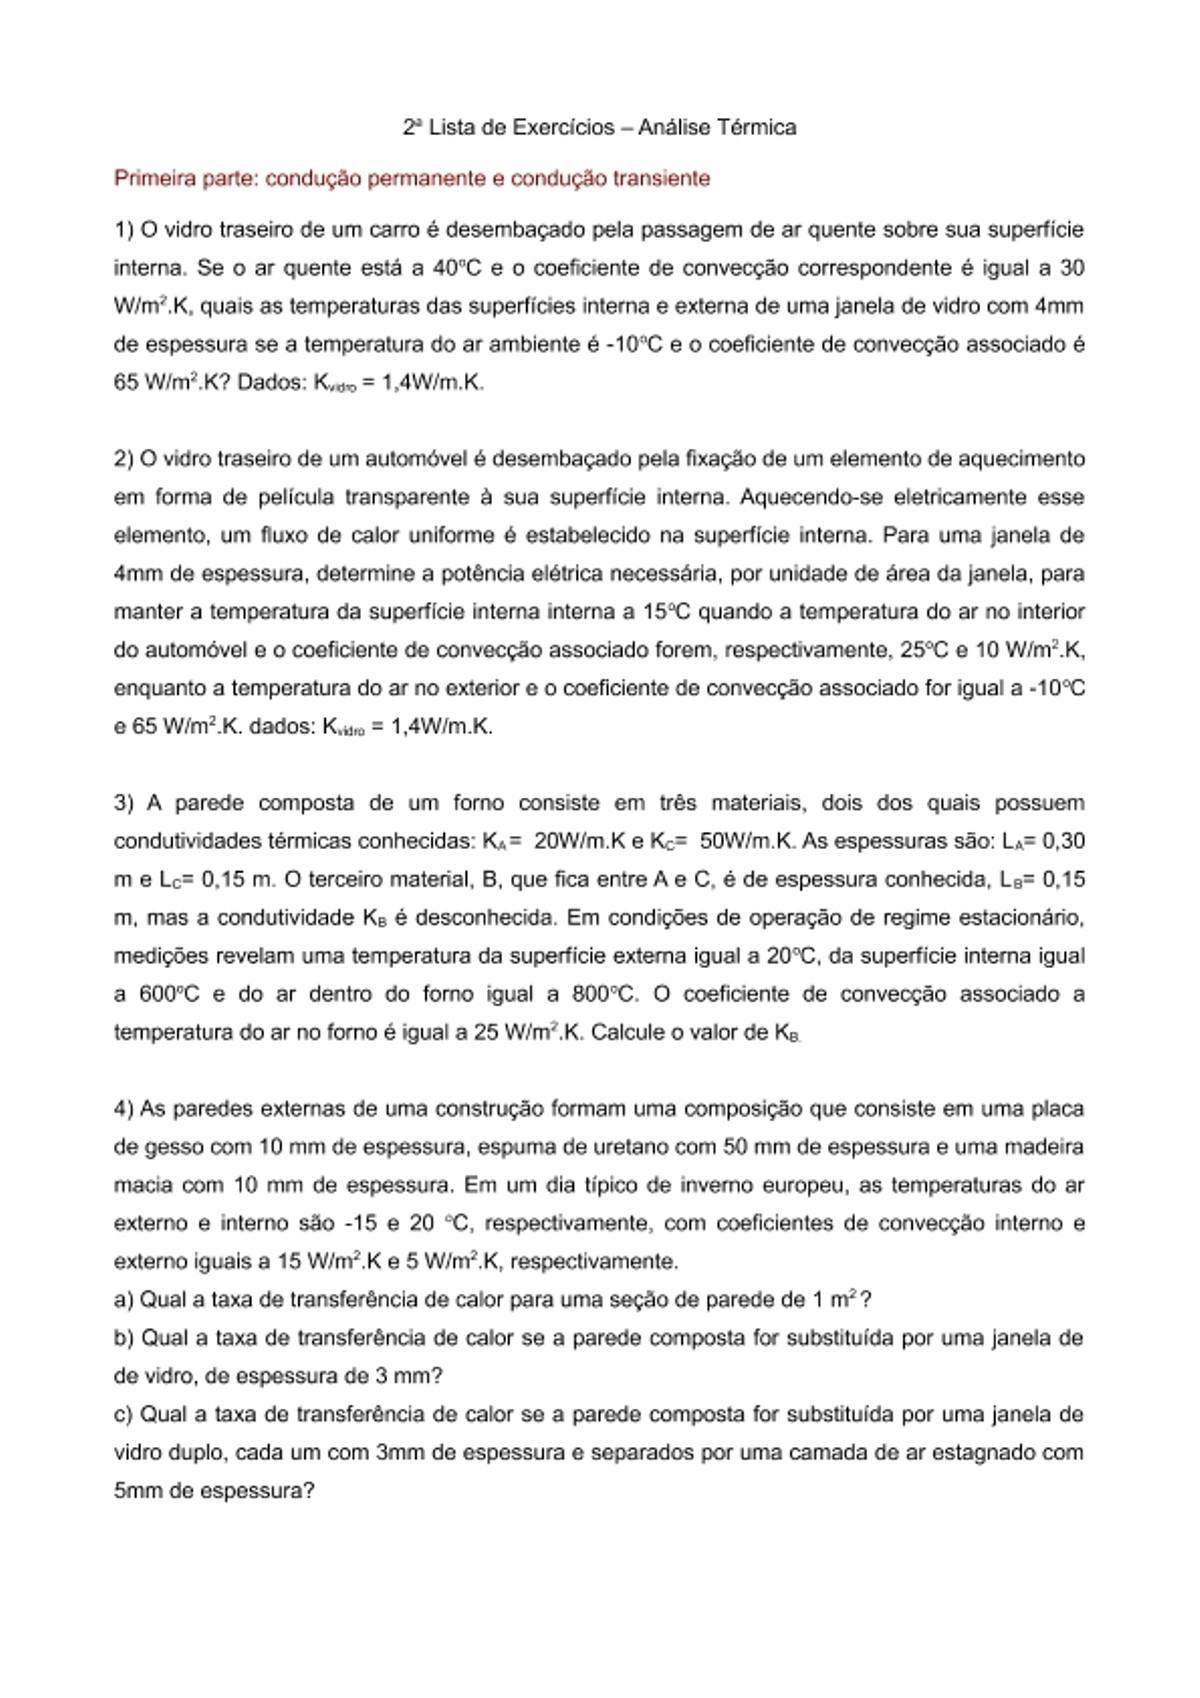 Pre-visualização do material Analise Termica   Lista Exercícios 02 - página 1